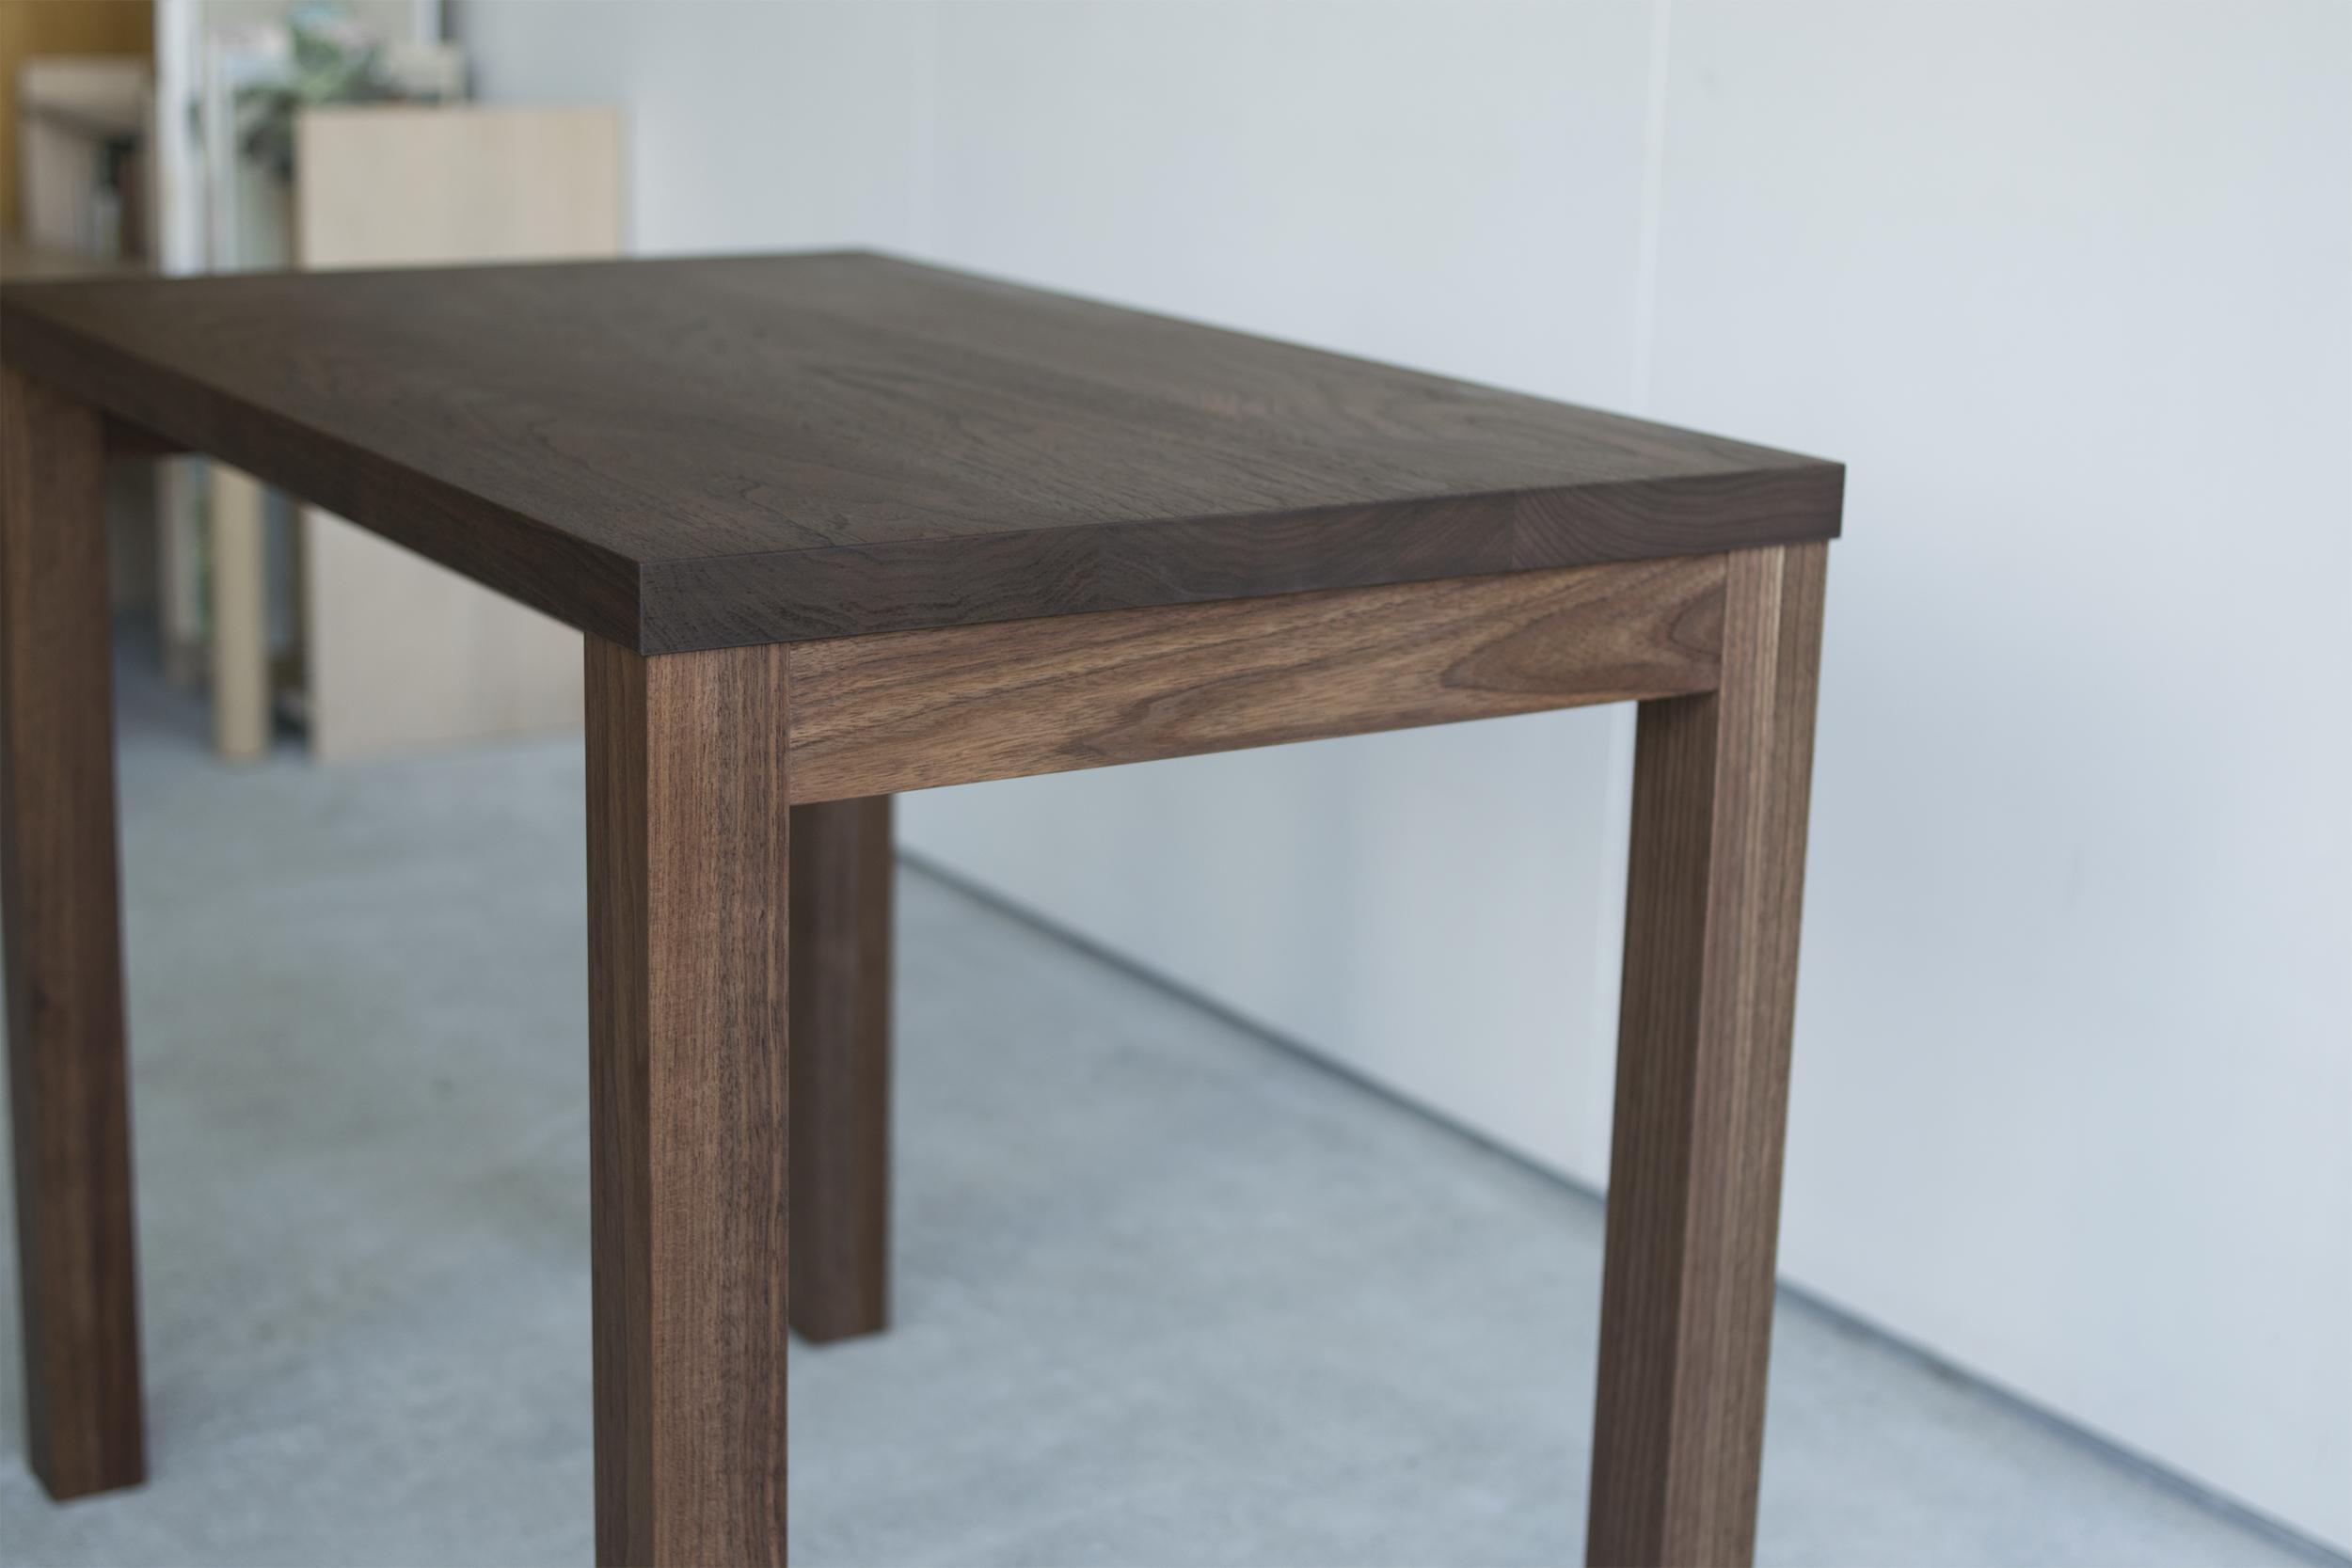 DESK STANDARD/TABLE WALNUT